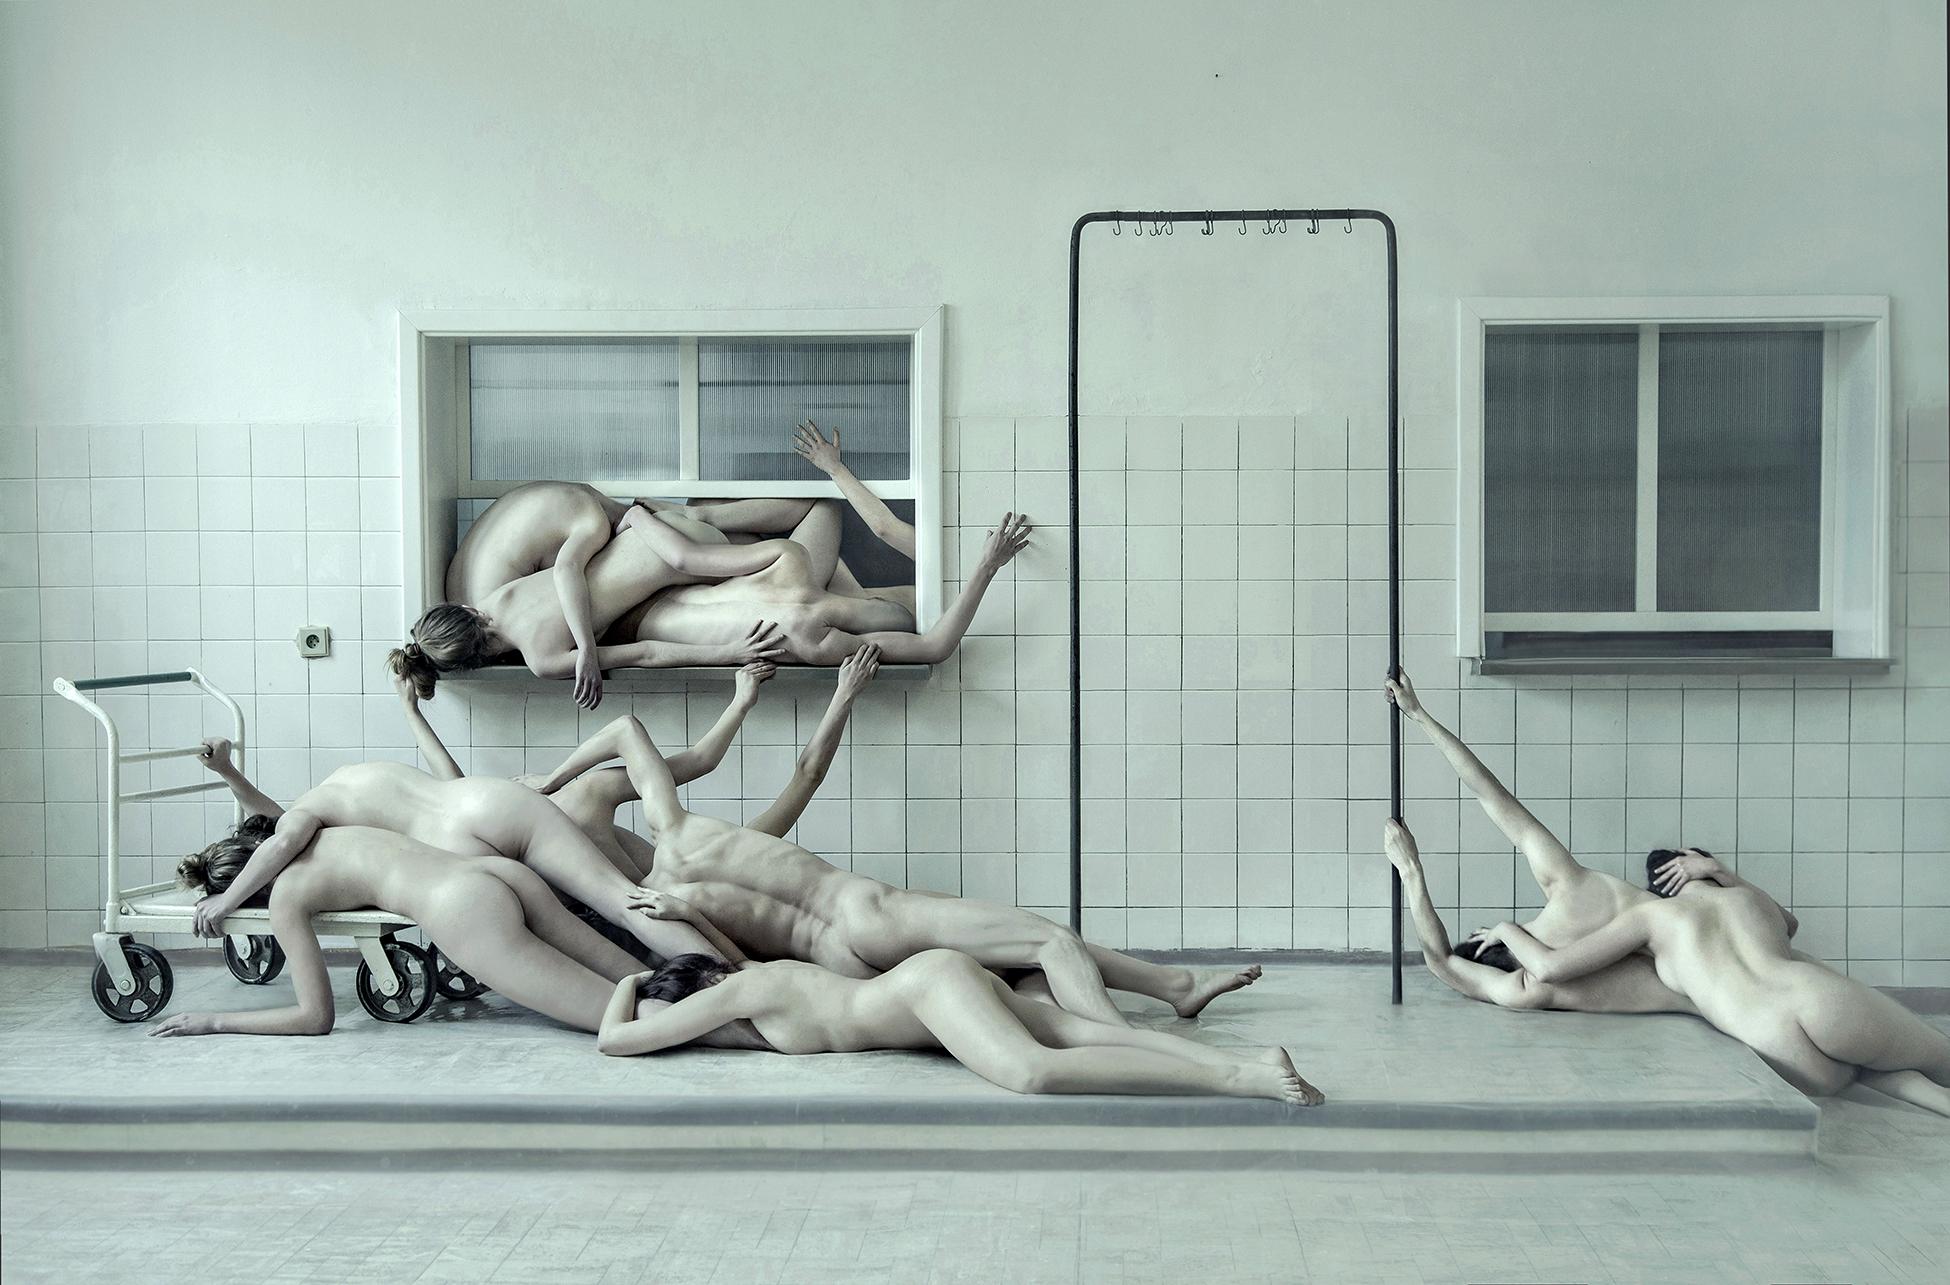 Ecce Homo, photograph by Evelyn Bencicova